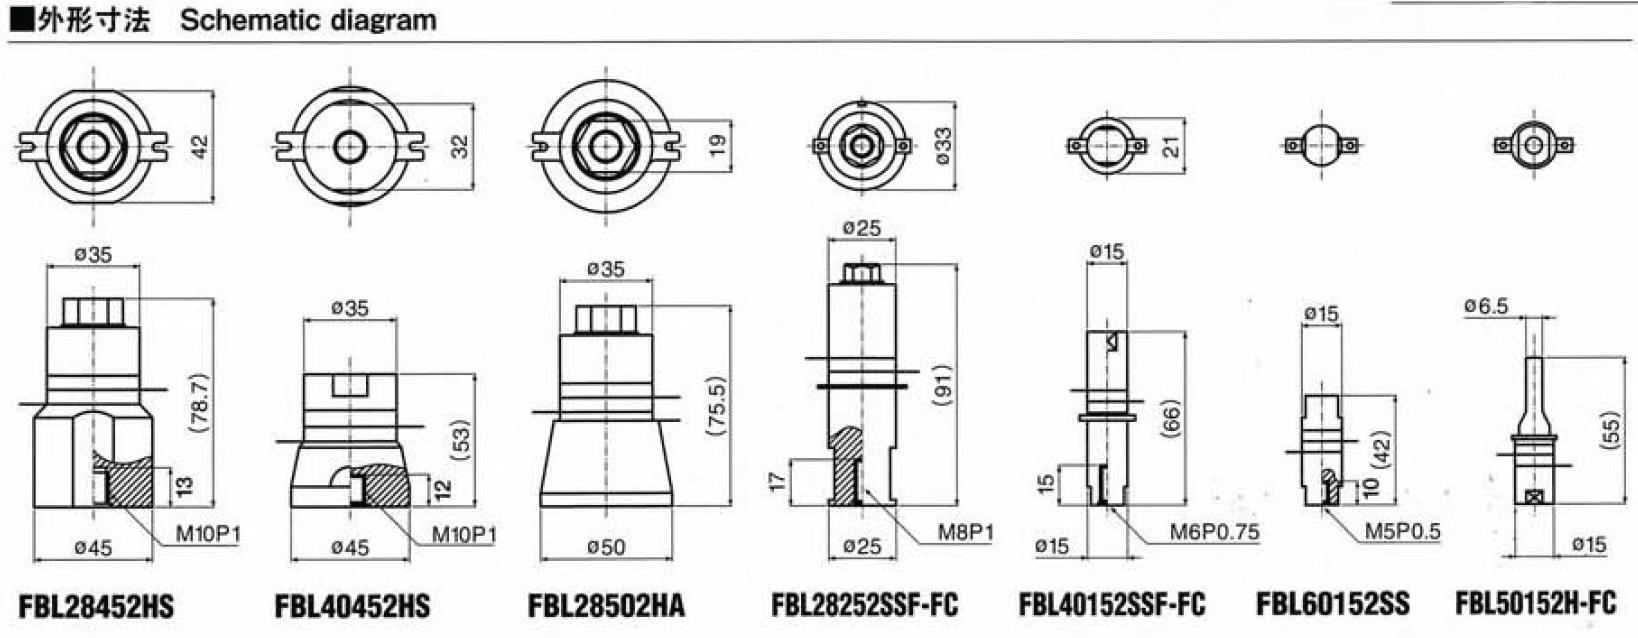 超声波整体电路结构框架图